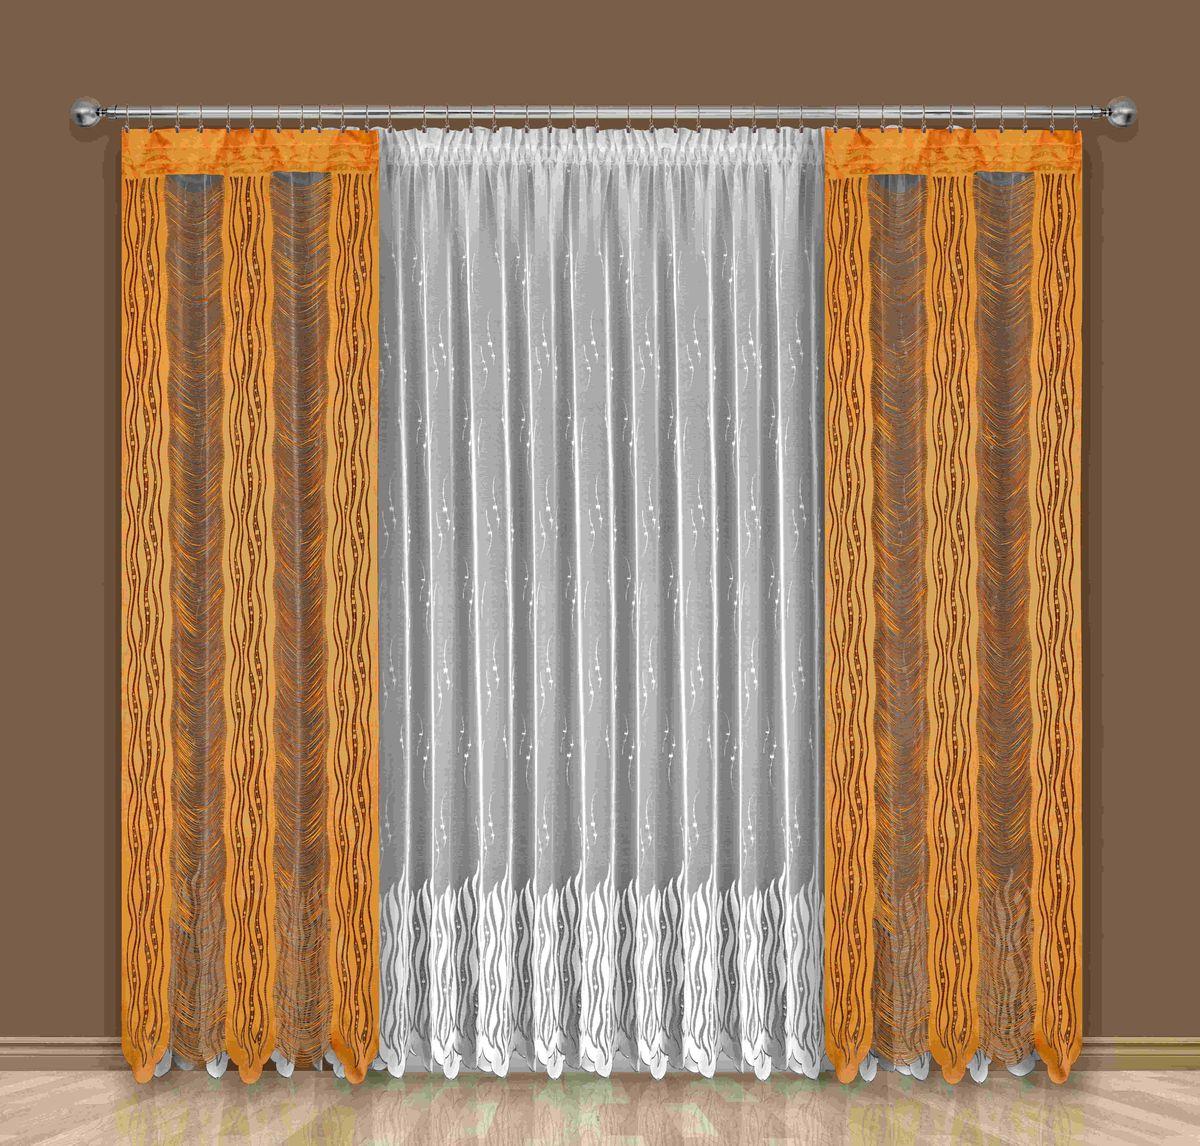 Комплект штор Wisan Alba, на ленте, цвет: белый, оранжевый, высота 250 смSVC-300Комплект штор Wisan Alba выполненный из полиэстера, великолепно украсит любое окно. В комплект входят 2 шторы и тюль.Оригинальный дизайн и бахрома придают комплекту особый стиль и шарм. Качественное плетение, нежная цветовая гамма и роскошное исполнение - все это делает шторы Wisan Alba замечательным дополнением интерьера помещения.Комплект оснащен шторной лентой для красивой сборки. В комплект входит: Штора - 2 шт. Размер (ШхВ): 100 см х 250 см.Тюль - 1 шт. Размер (ШхВ): 400 см х 250 см.Фирма Wisan на польском рынке существует уже более пятидесяти лет и является одной из лучших польских фабрик по производству штор и тканей. Ассортимент фирмы представлен готовыми комплектами штор для гостиной, детской, кухни, а также текстилем для кухни (скатерти, салфетки, дорожки, кухонные занавески). Модельный ряд отличает оригинальный дизайн, высокое качество. Ассортимент продукции постоянно пополняется.